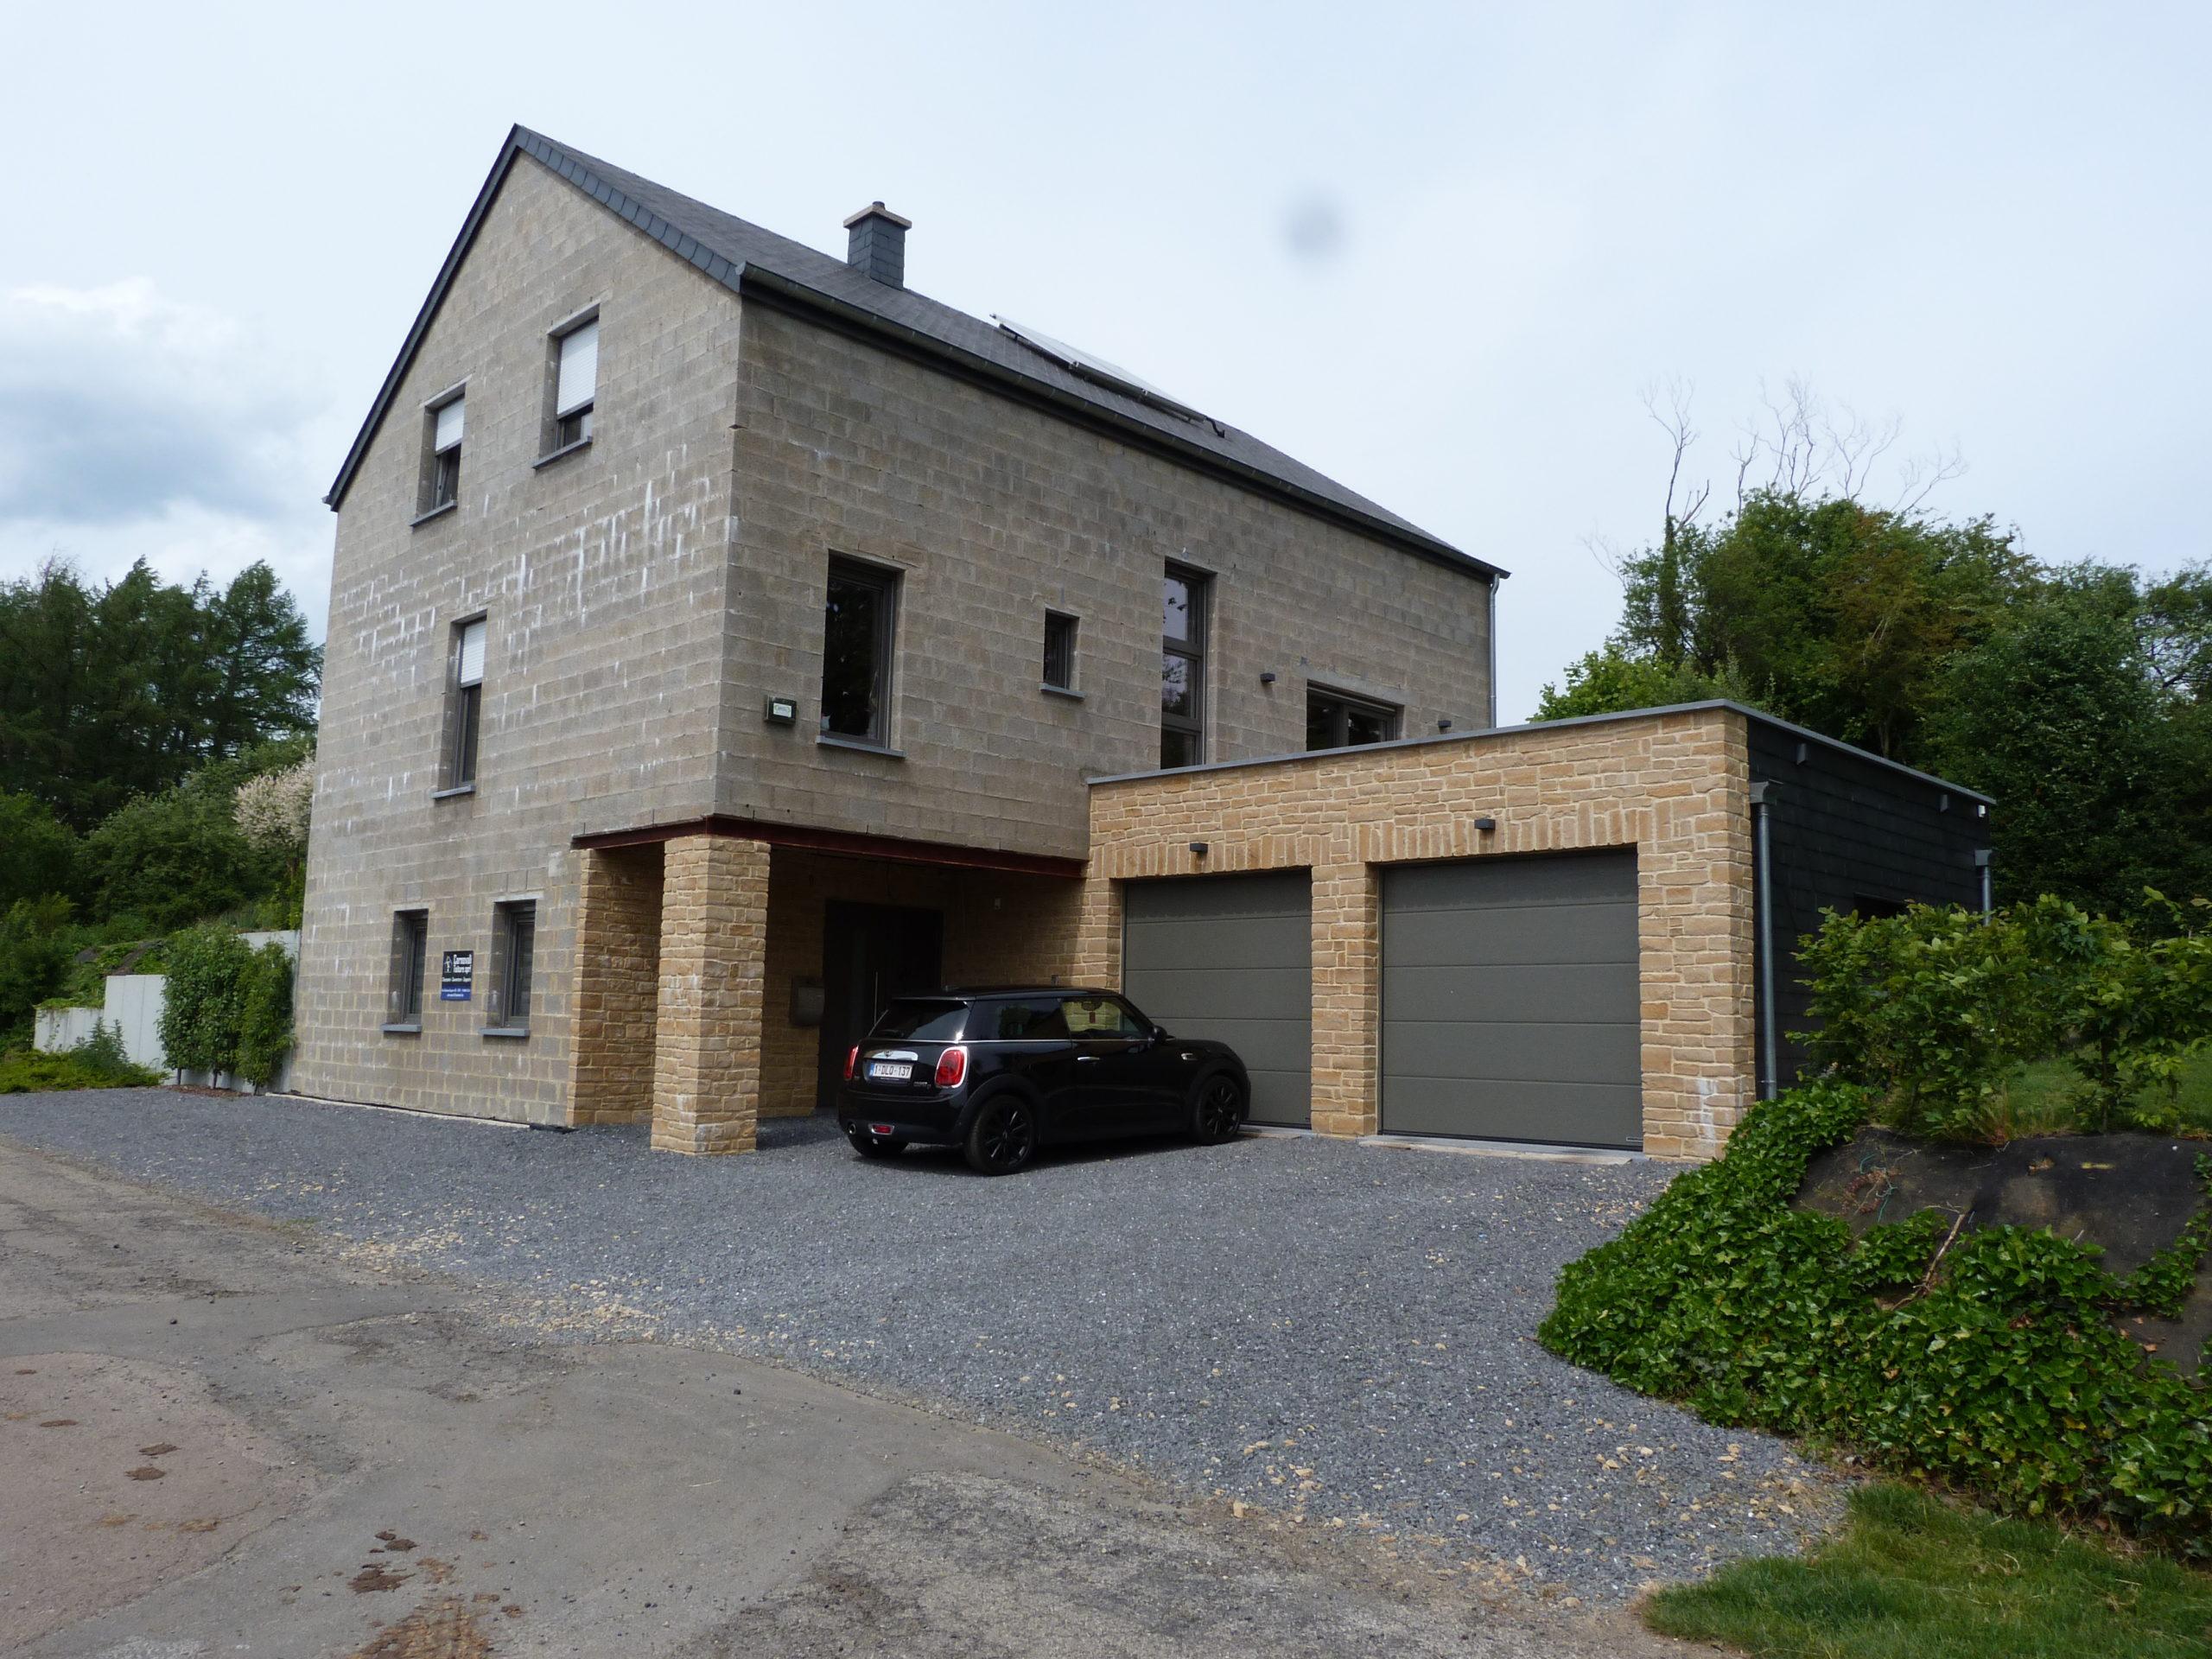 Maison 4 façades à Mussy-la-Ville 2 (2)